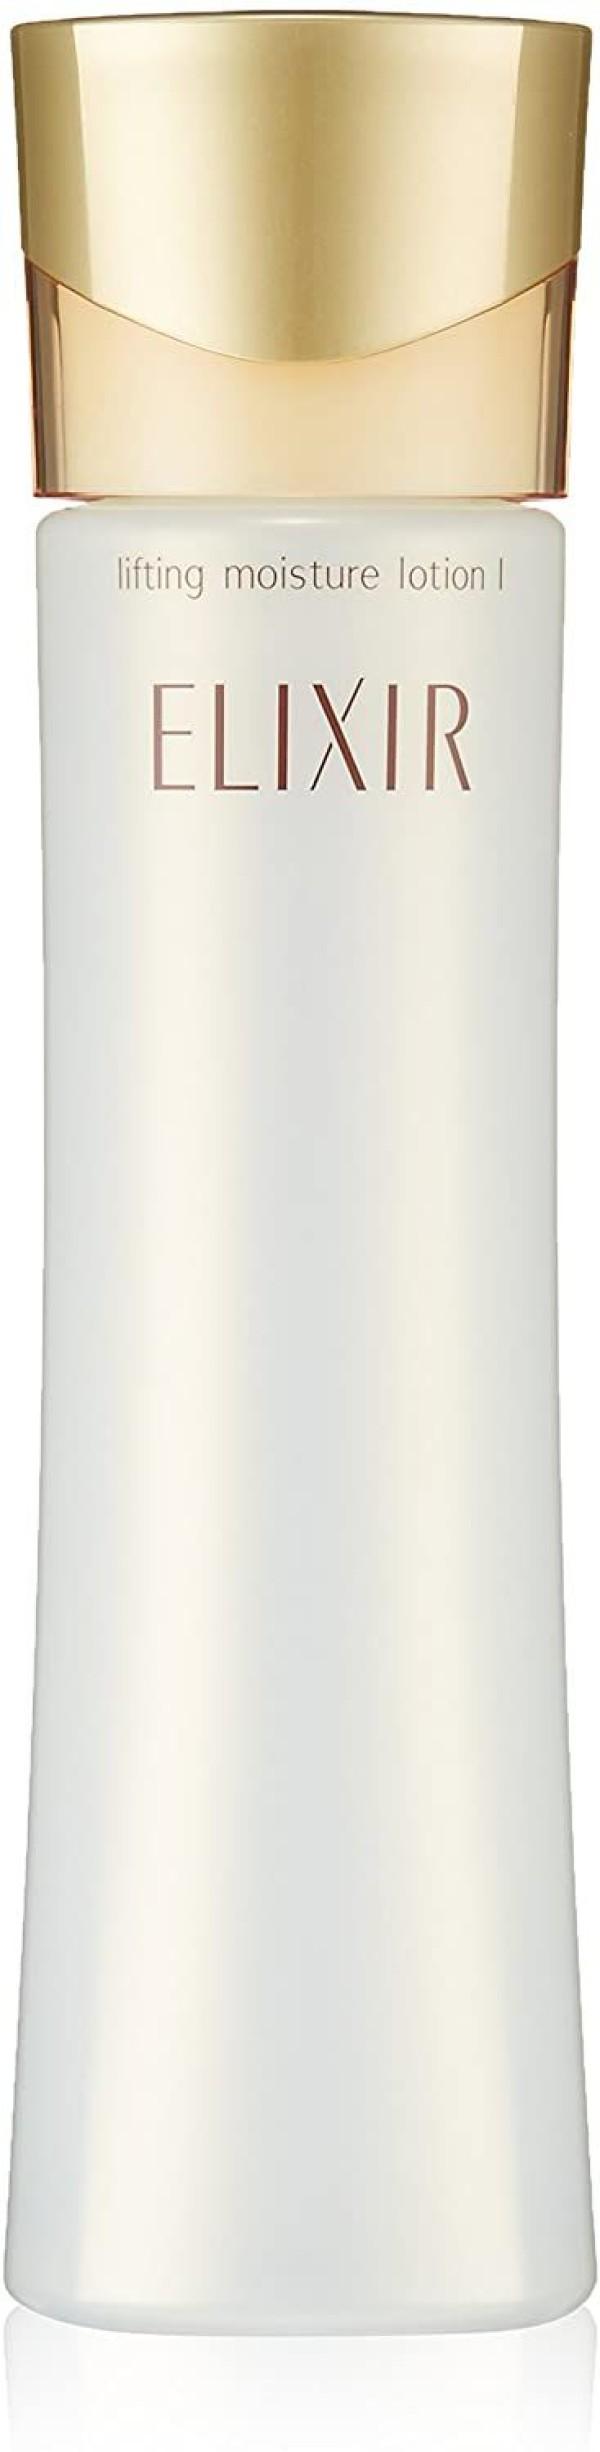 Увлажняющий лосьон для упругости кожи Shiseido ELIXIR SUPERIEUR Lifting Moisture Lotion